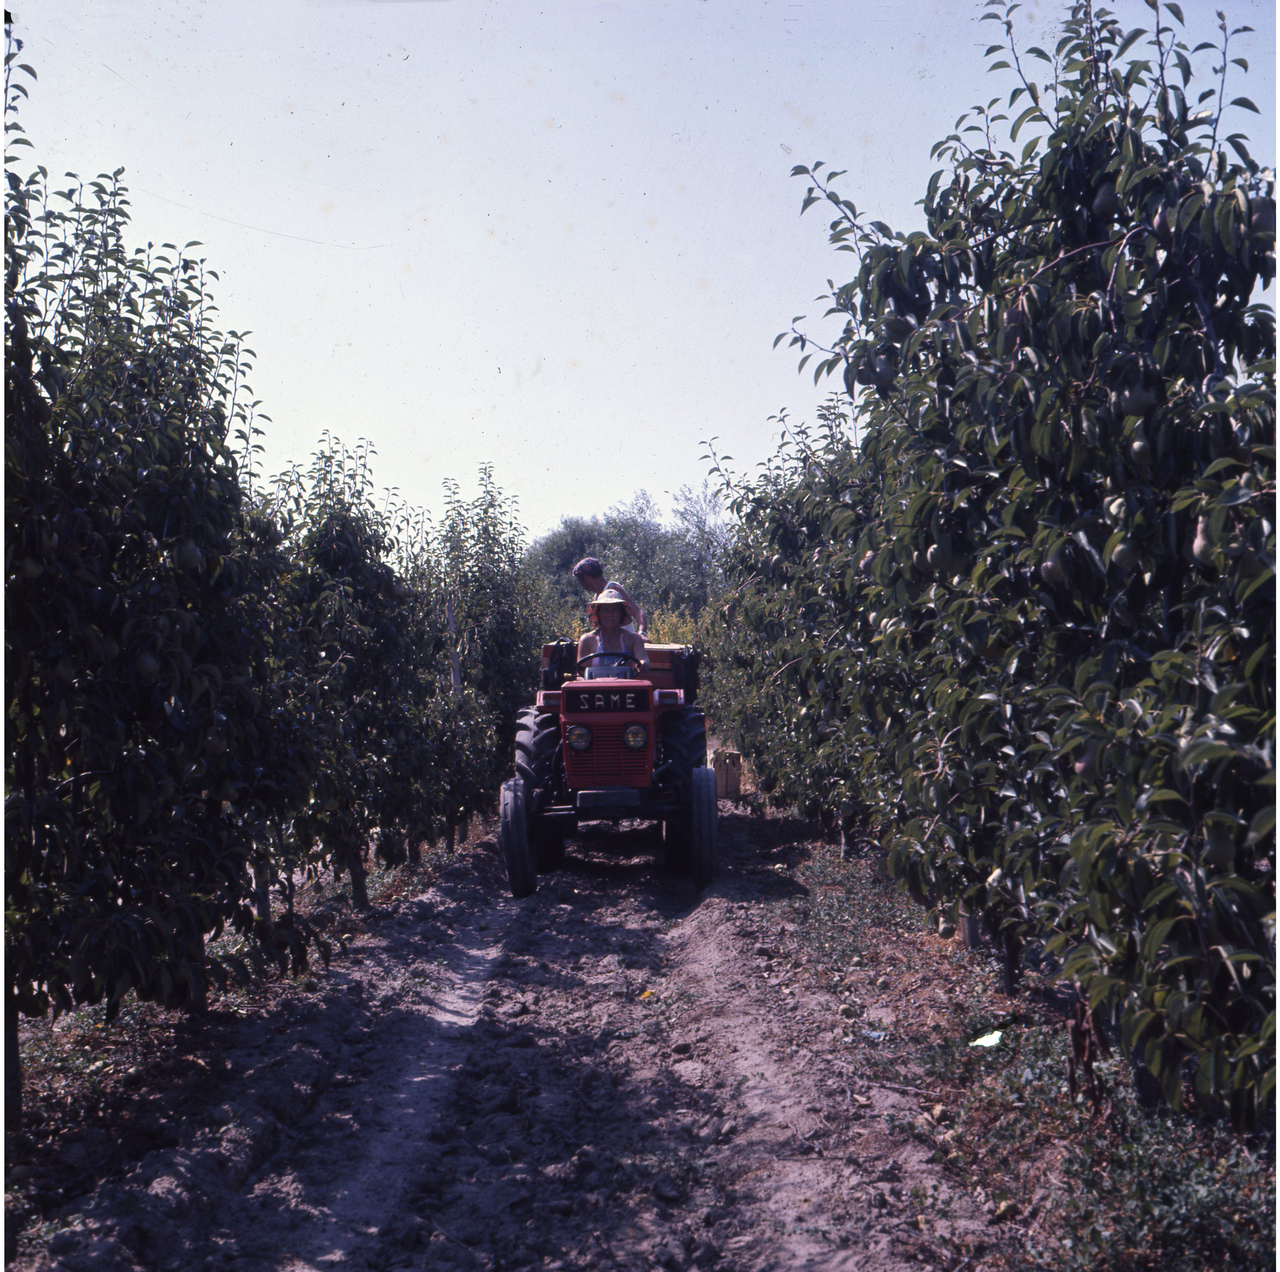 [SAME] trattore Condor 55 al lavoro tra i filari